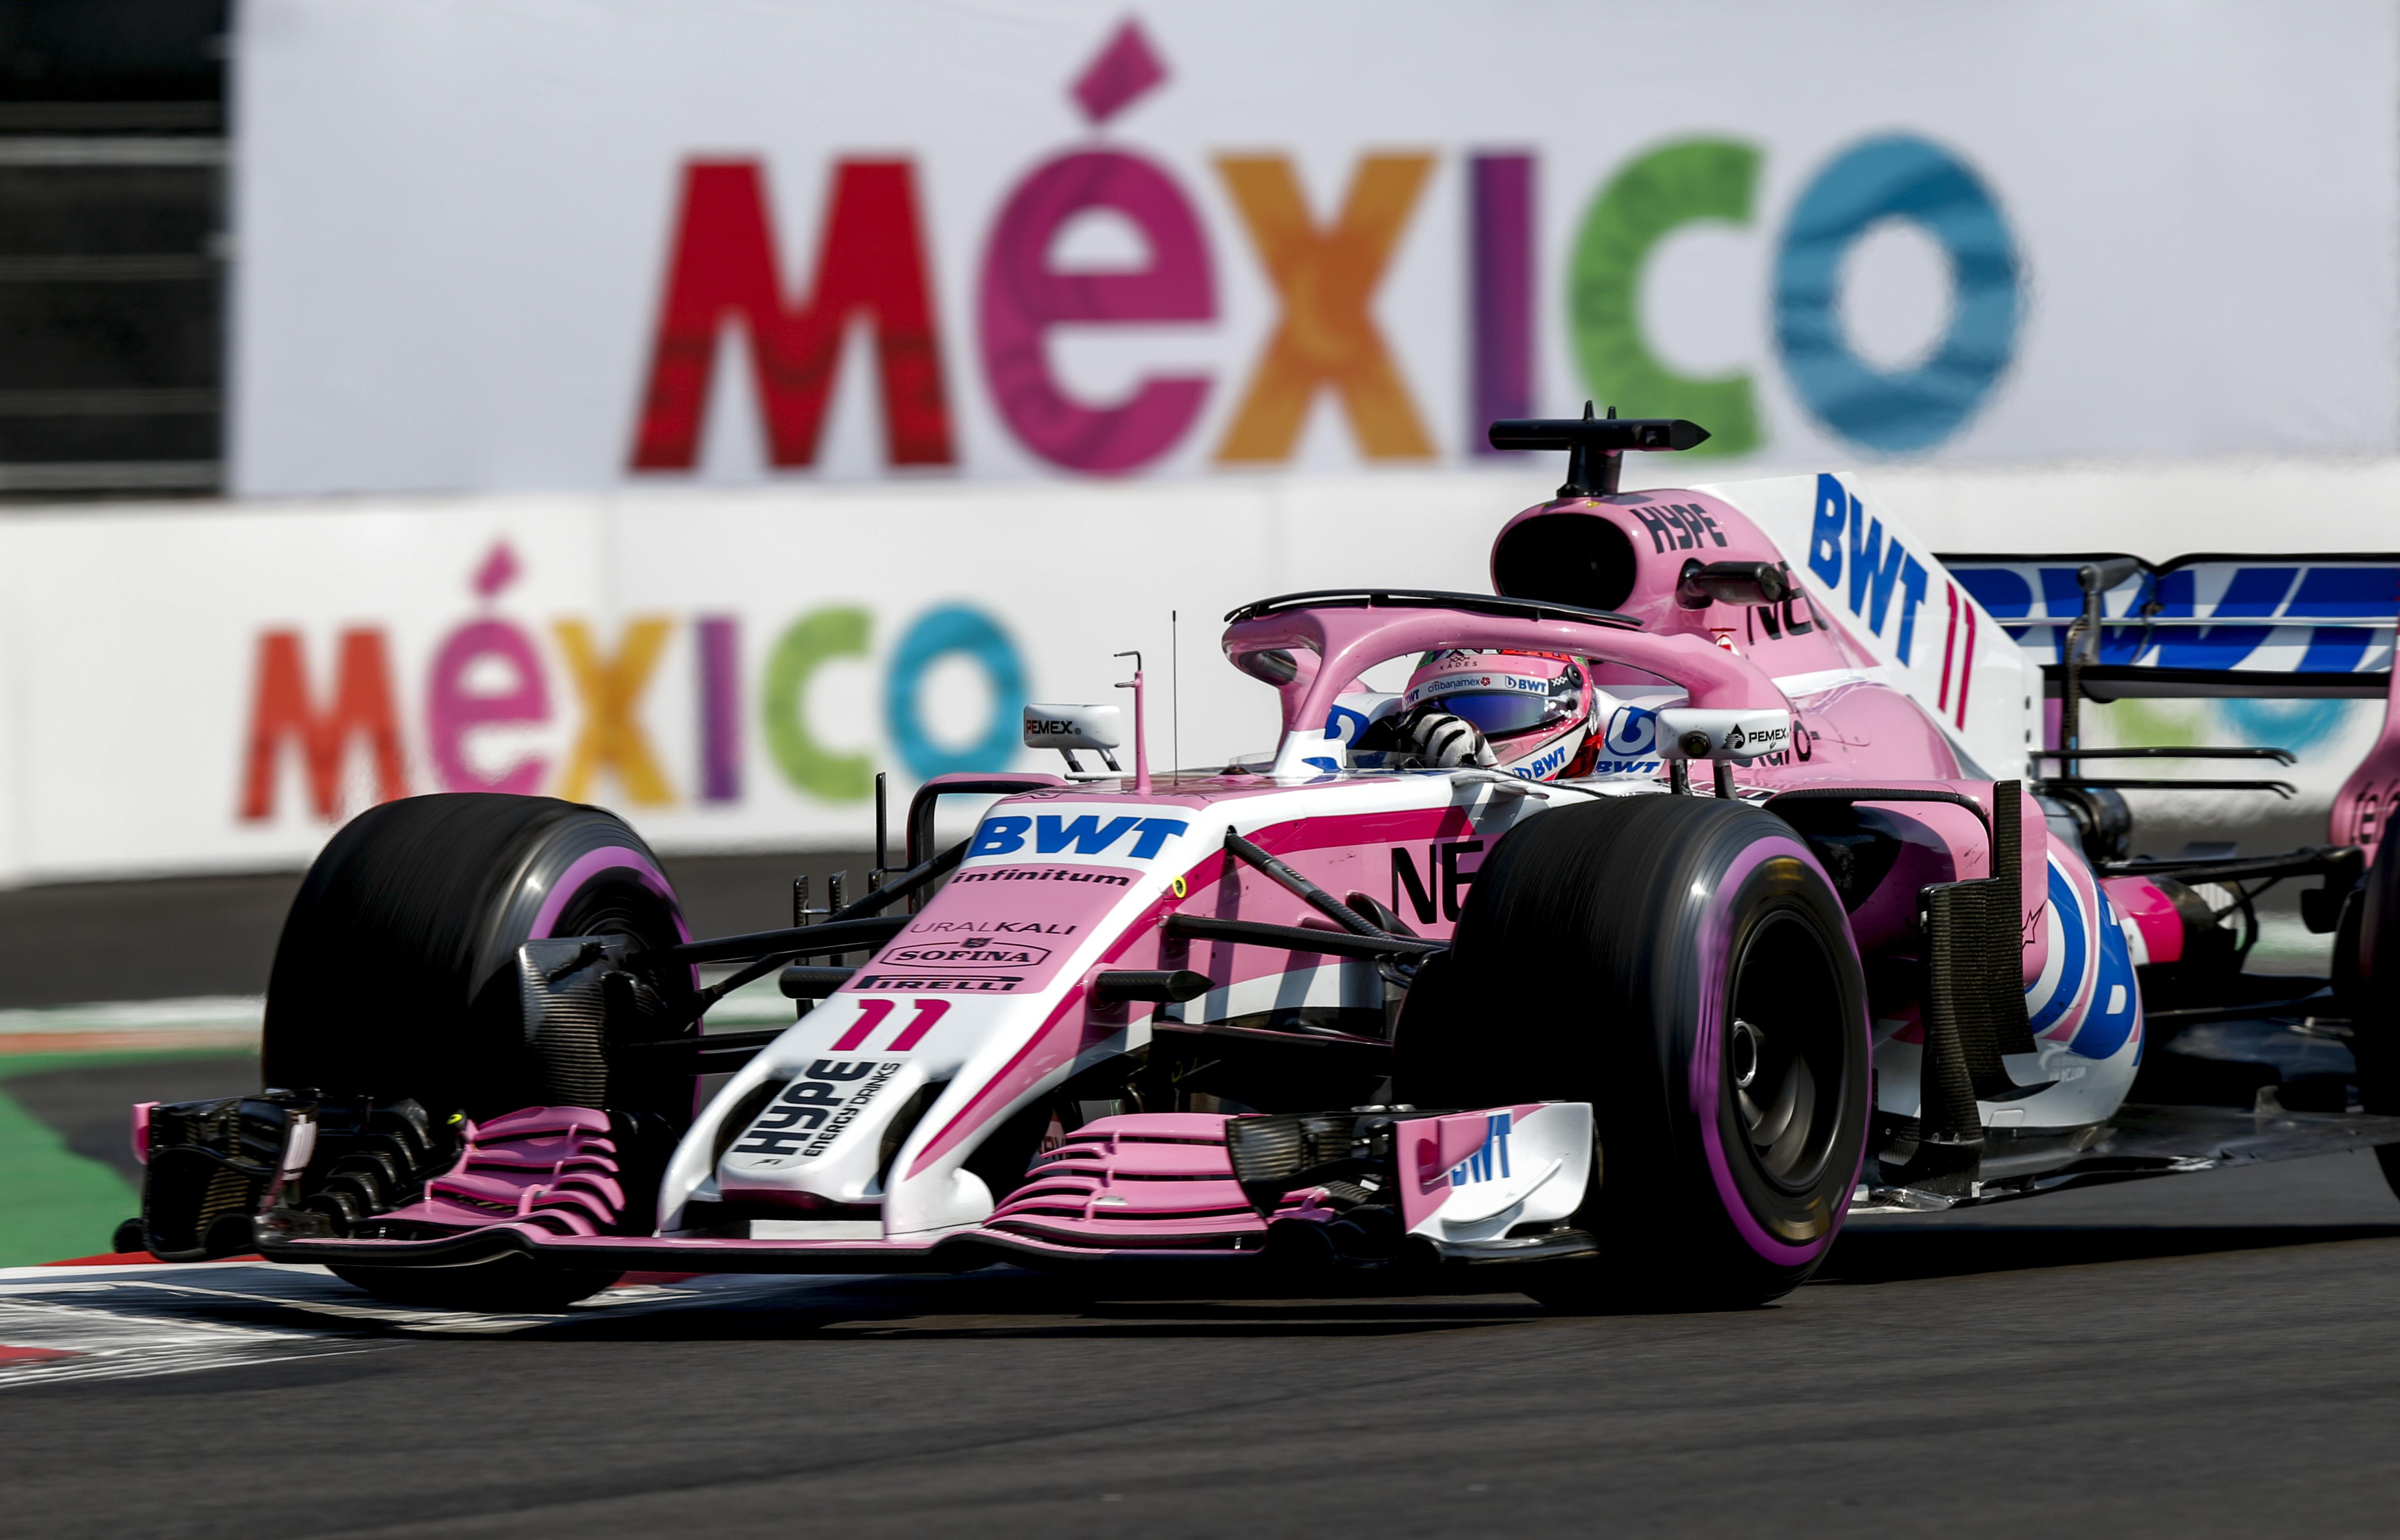 GP Mexika 2021 – vyprodáno